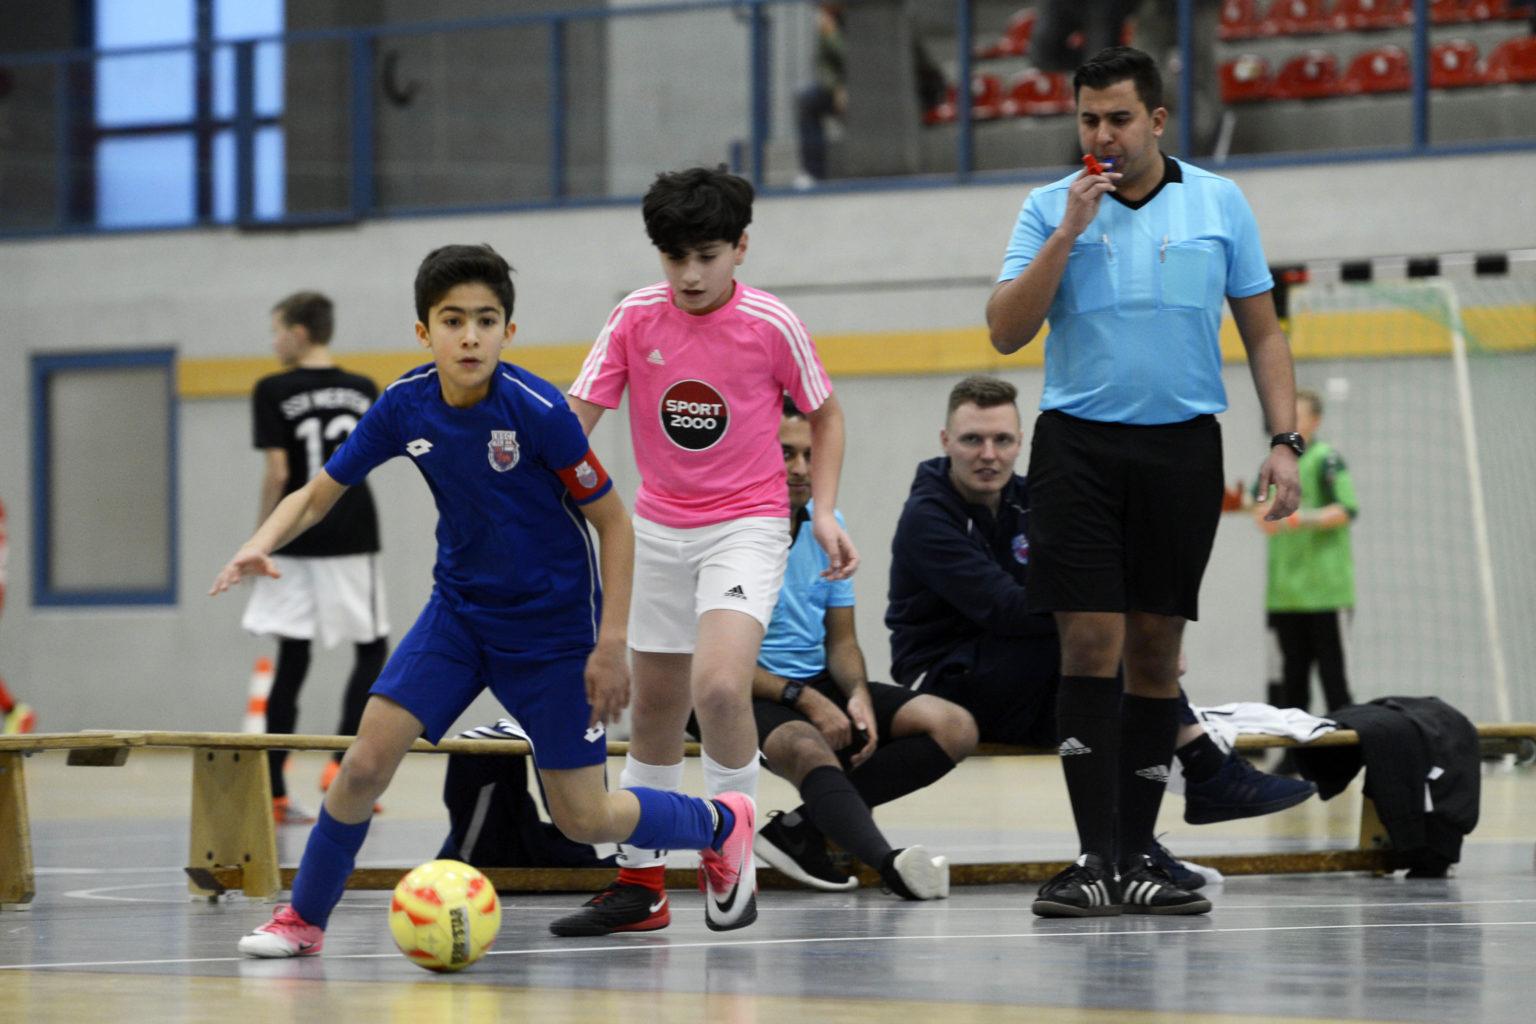 BSC Hallencup 2019 BSC D-Junioren (04)